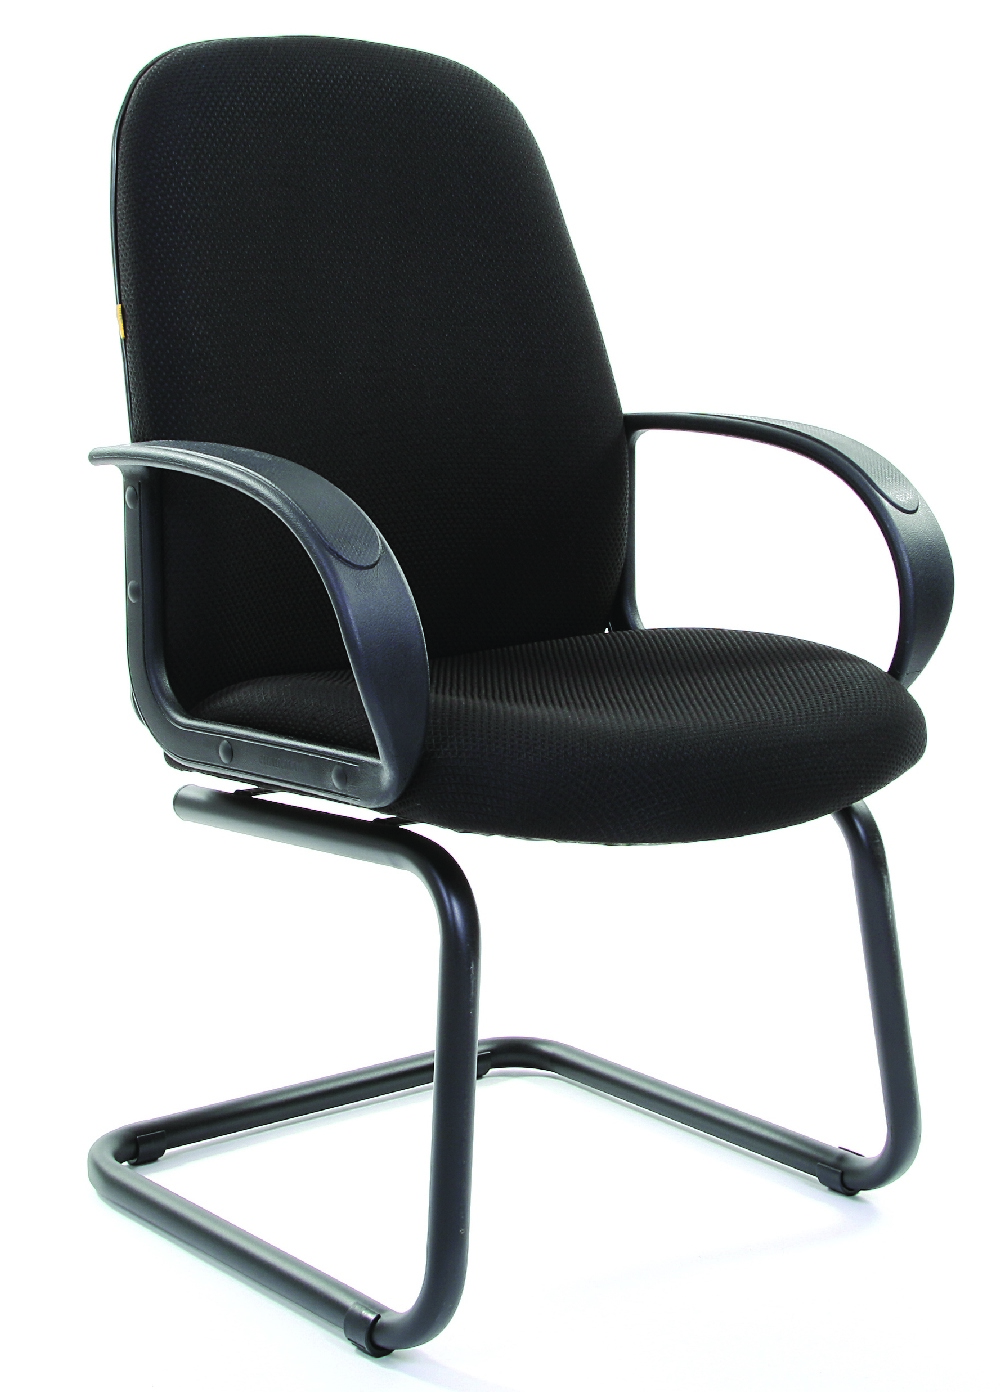 Кресло посетителя CH-279V ткань JP черный Chairman 279V